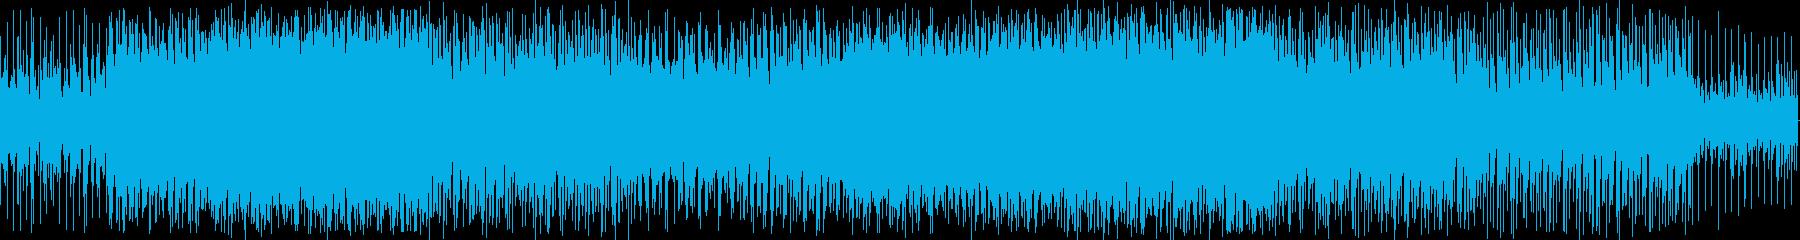 探索系ゲームのダンジョン向けなBGMですの再生済みの波形